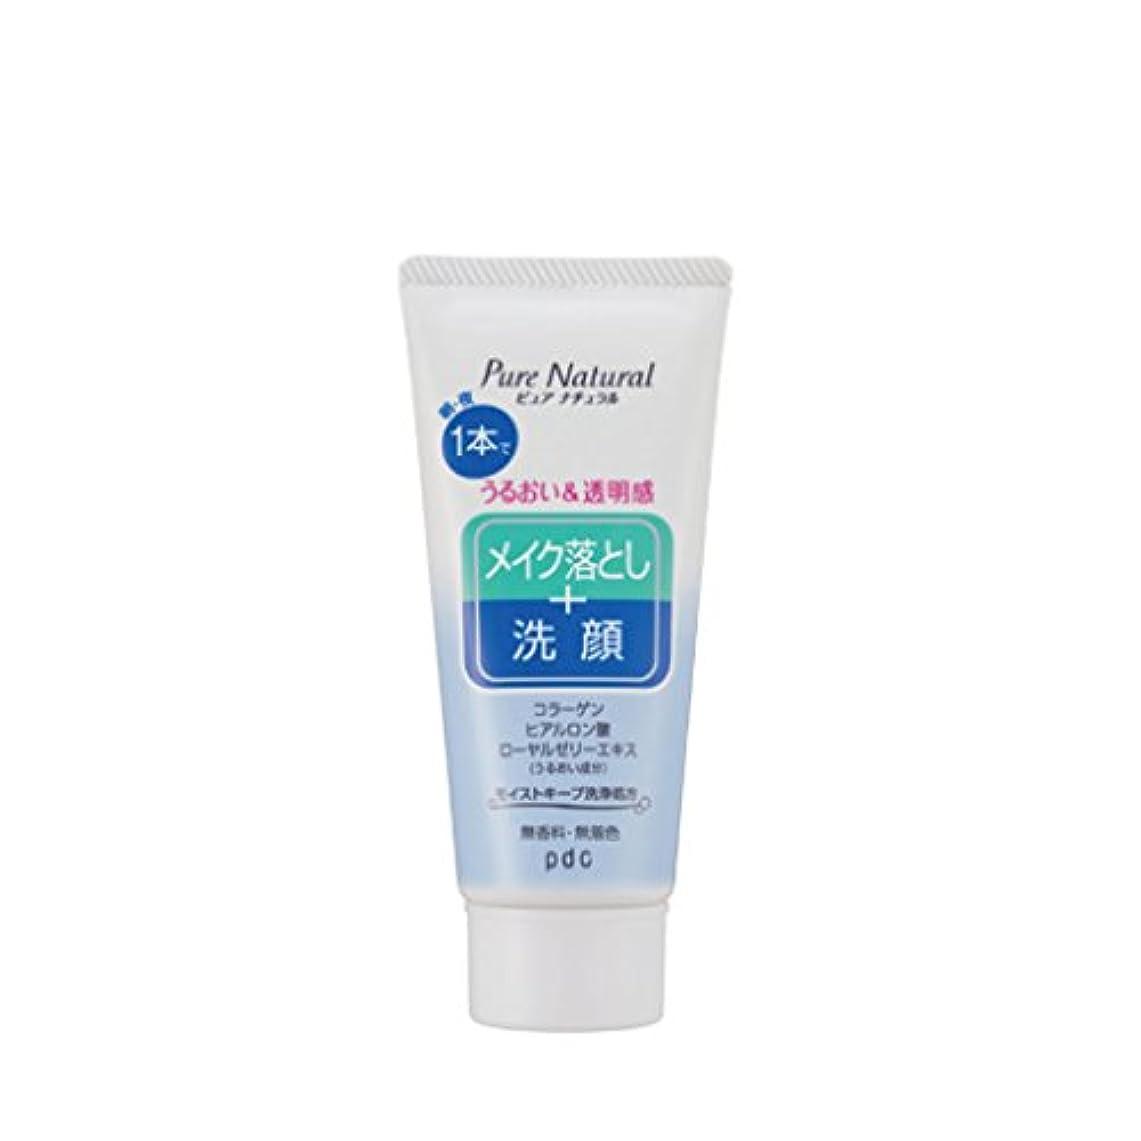 ベッド名前で簡潔なPure NATURAL(ピュアナチュラル) クレンジング洗顔 (ミニサイズ) 70g